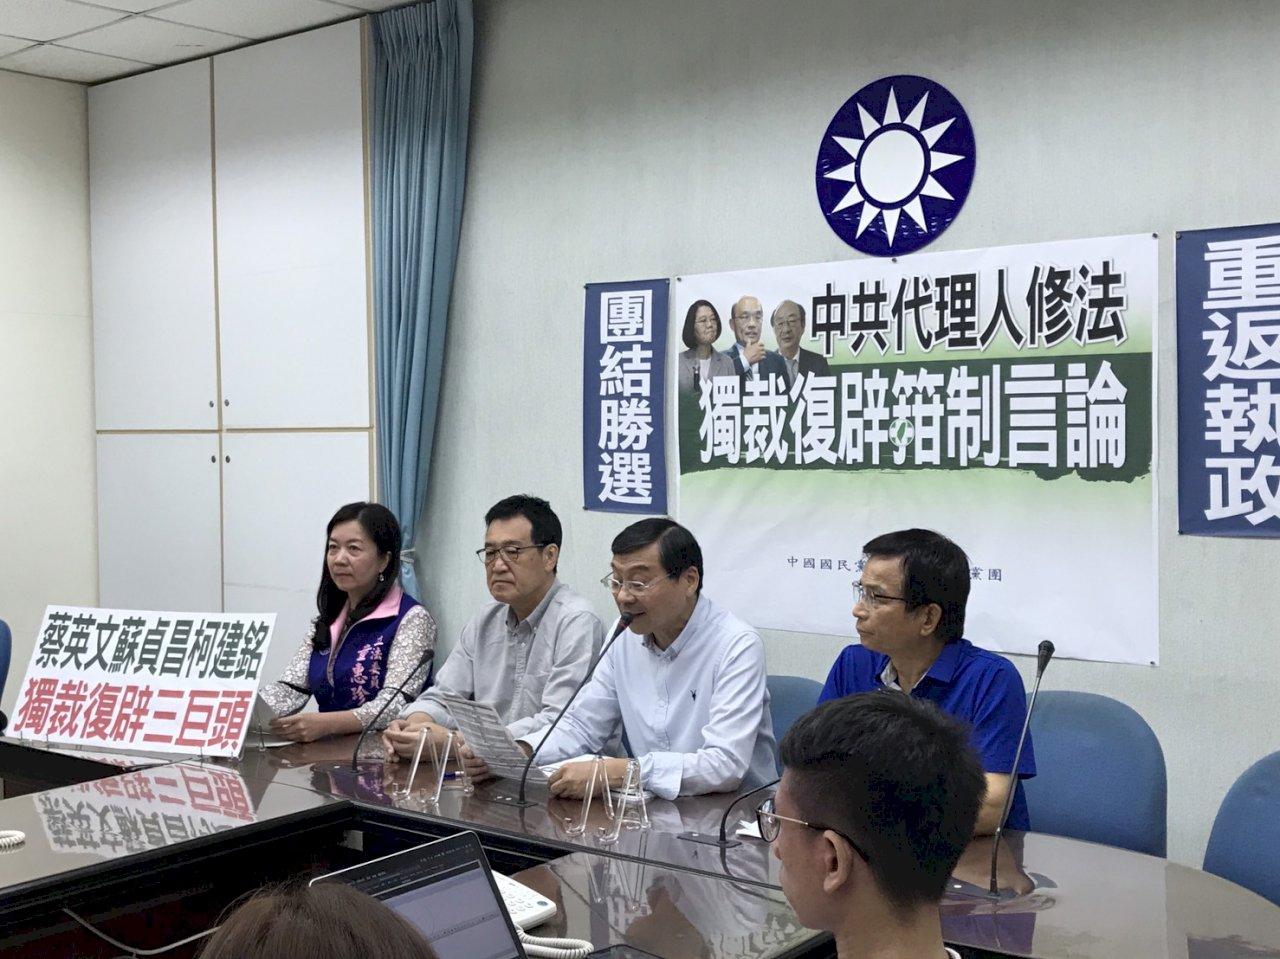 中共代理人修法 藍委要求蔡總統至立院國情報告